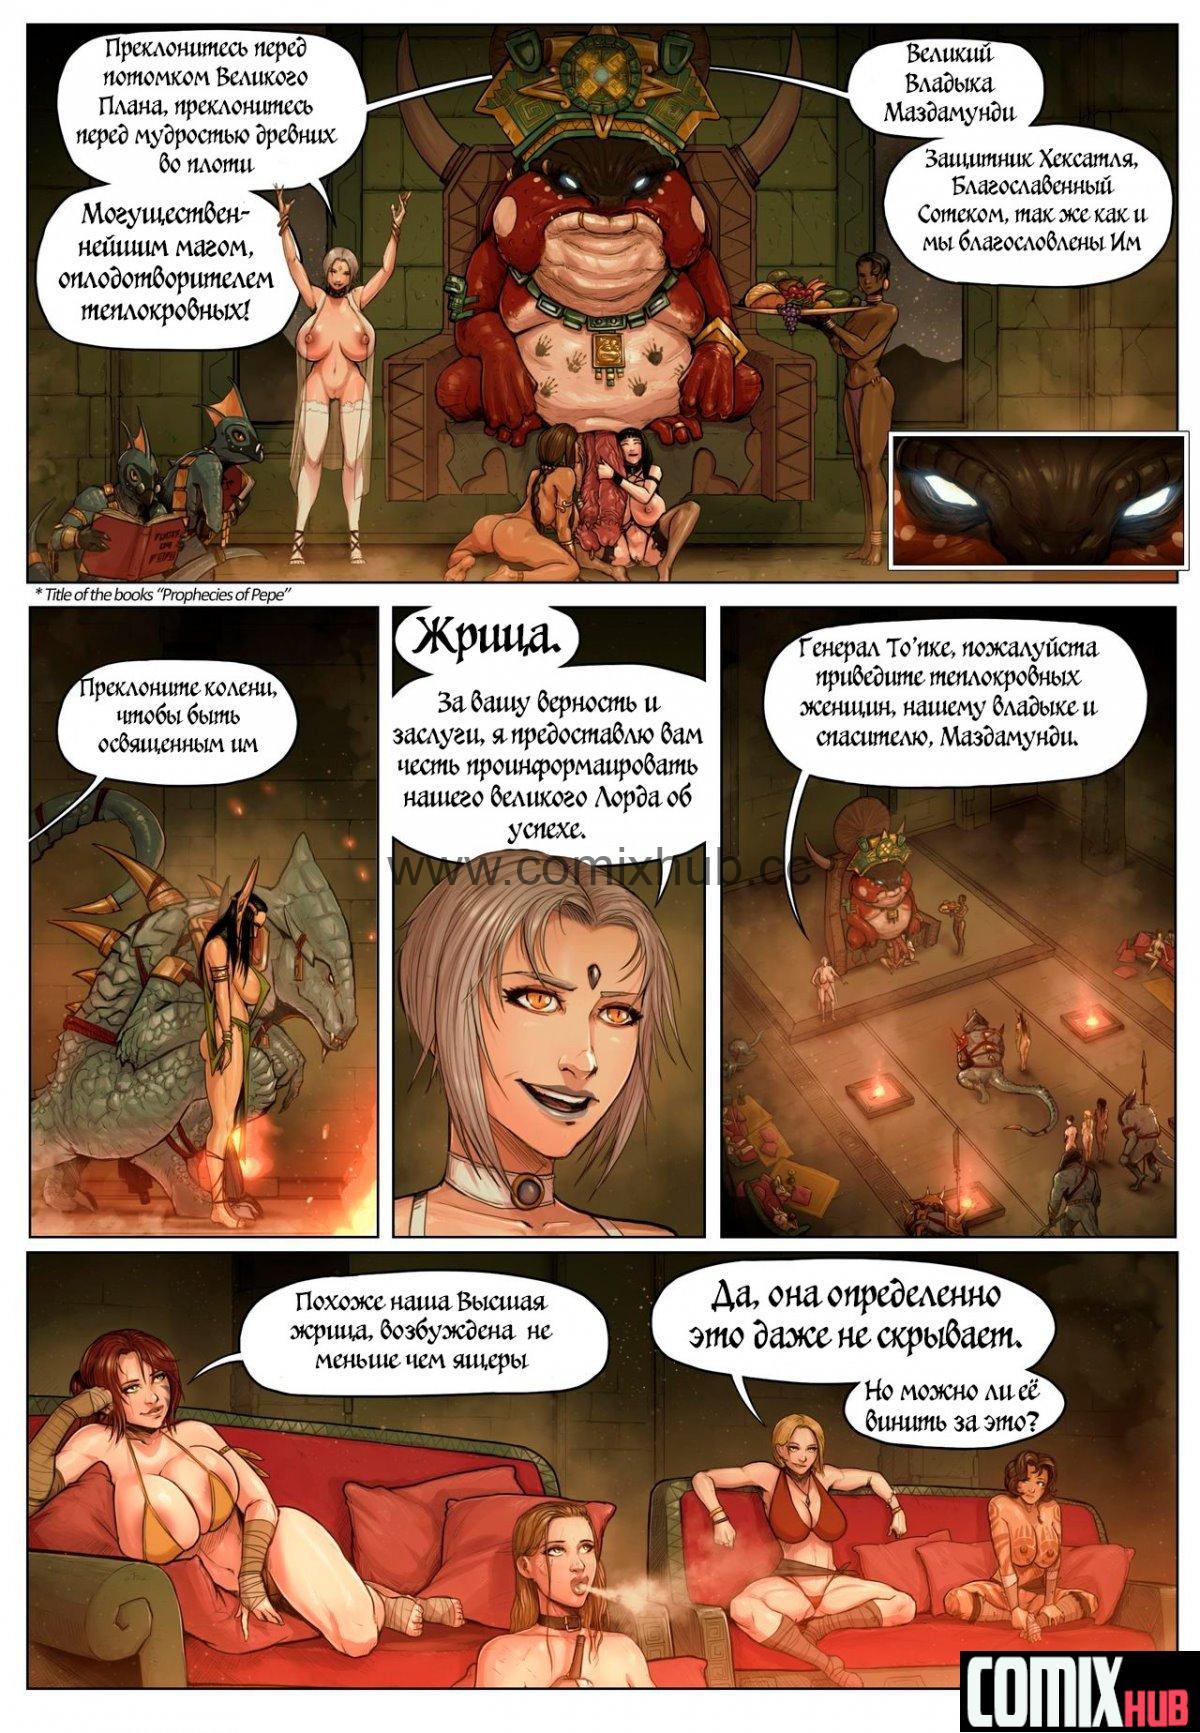 Порно комикс, Я Рада служить! Порно комиксы, Большая грудь, Большие члены, Групповой секс, Насилие